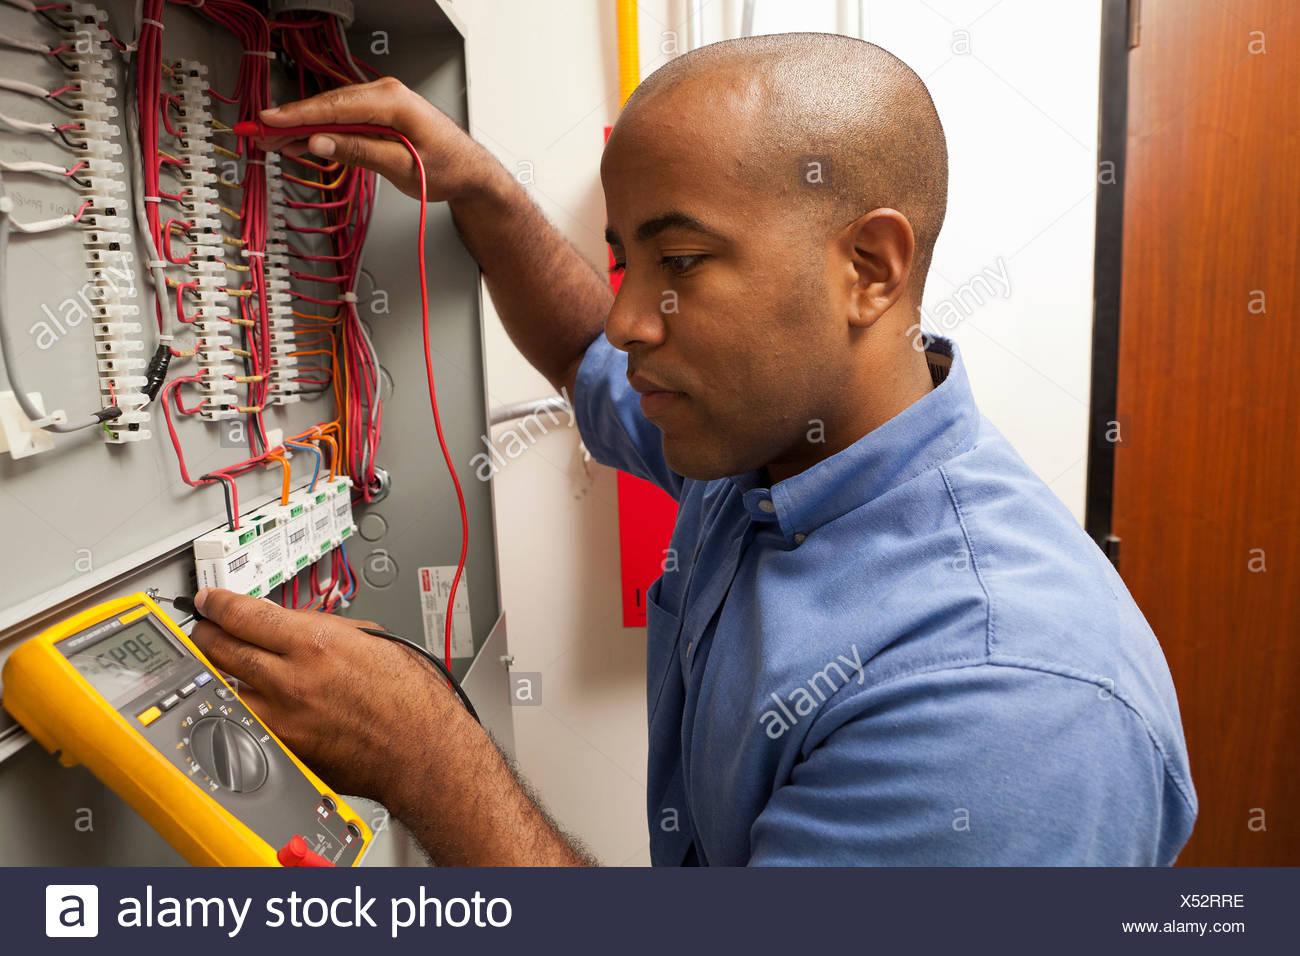 La metà degli adulti ingegnere elettrico che lavorano in impianti di produzione Immagini Stock